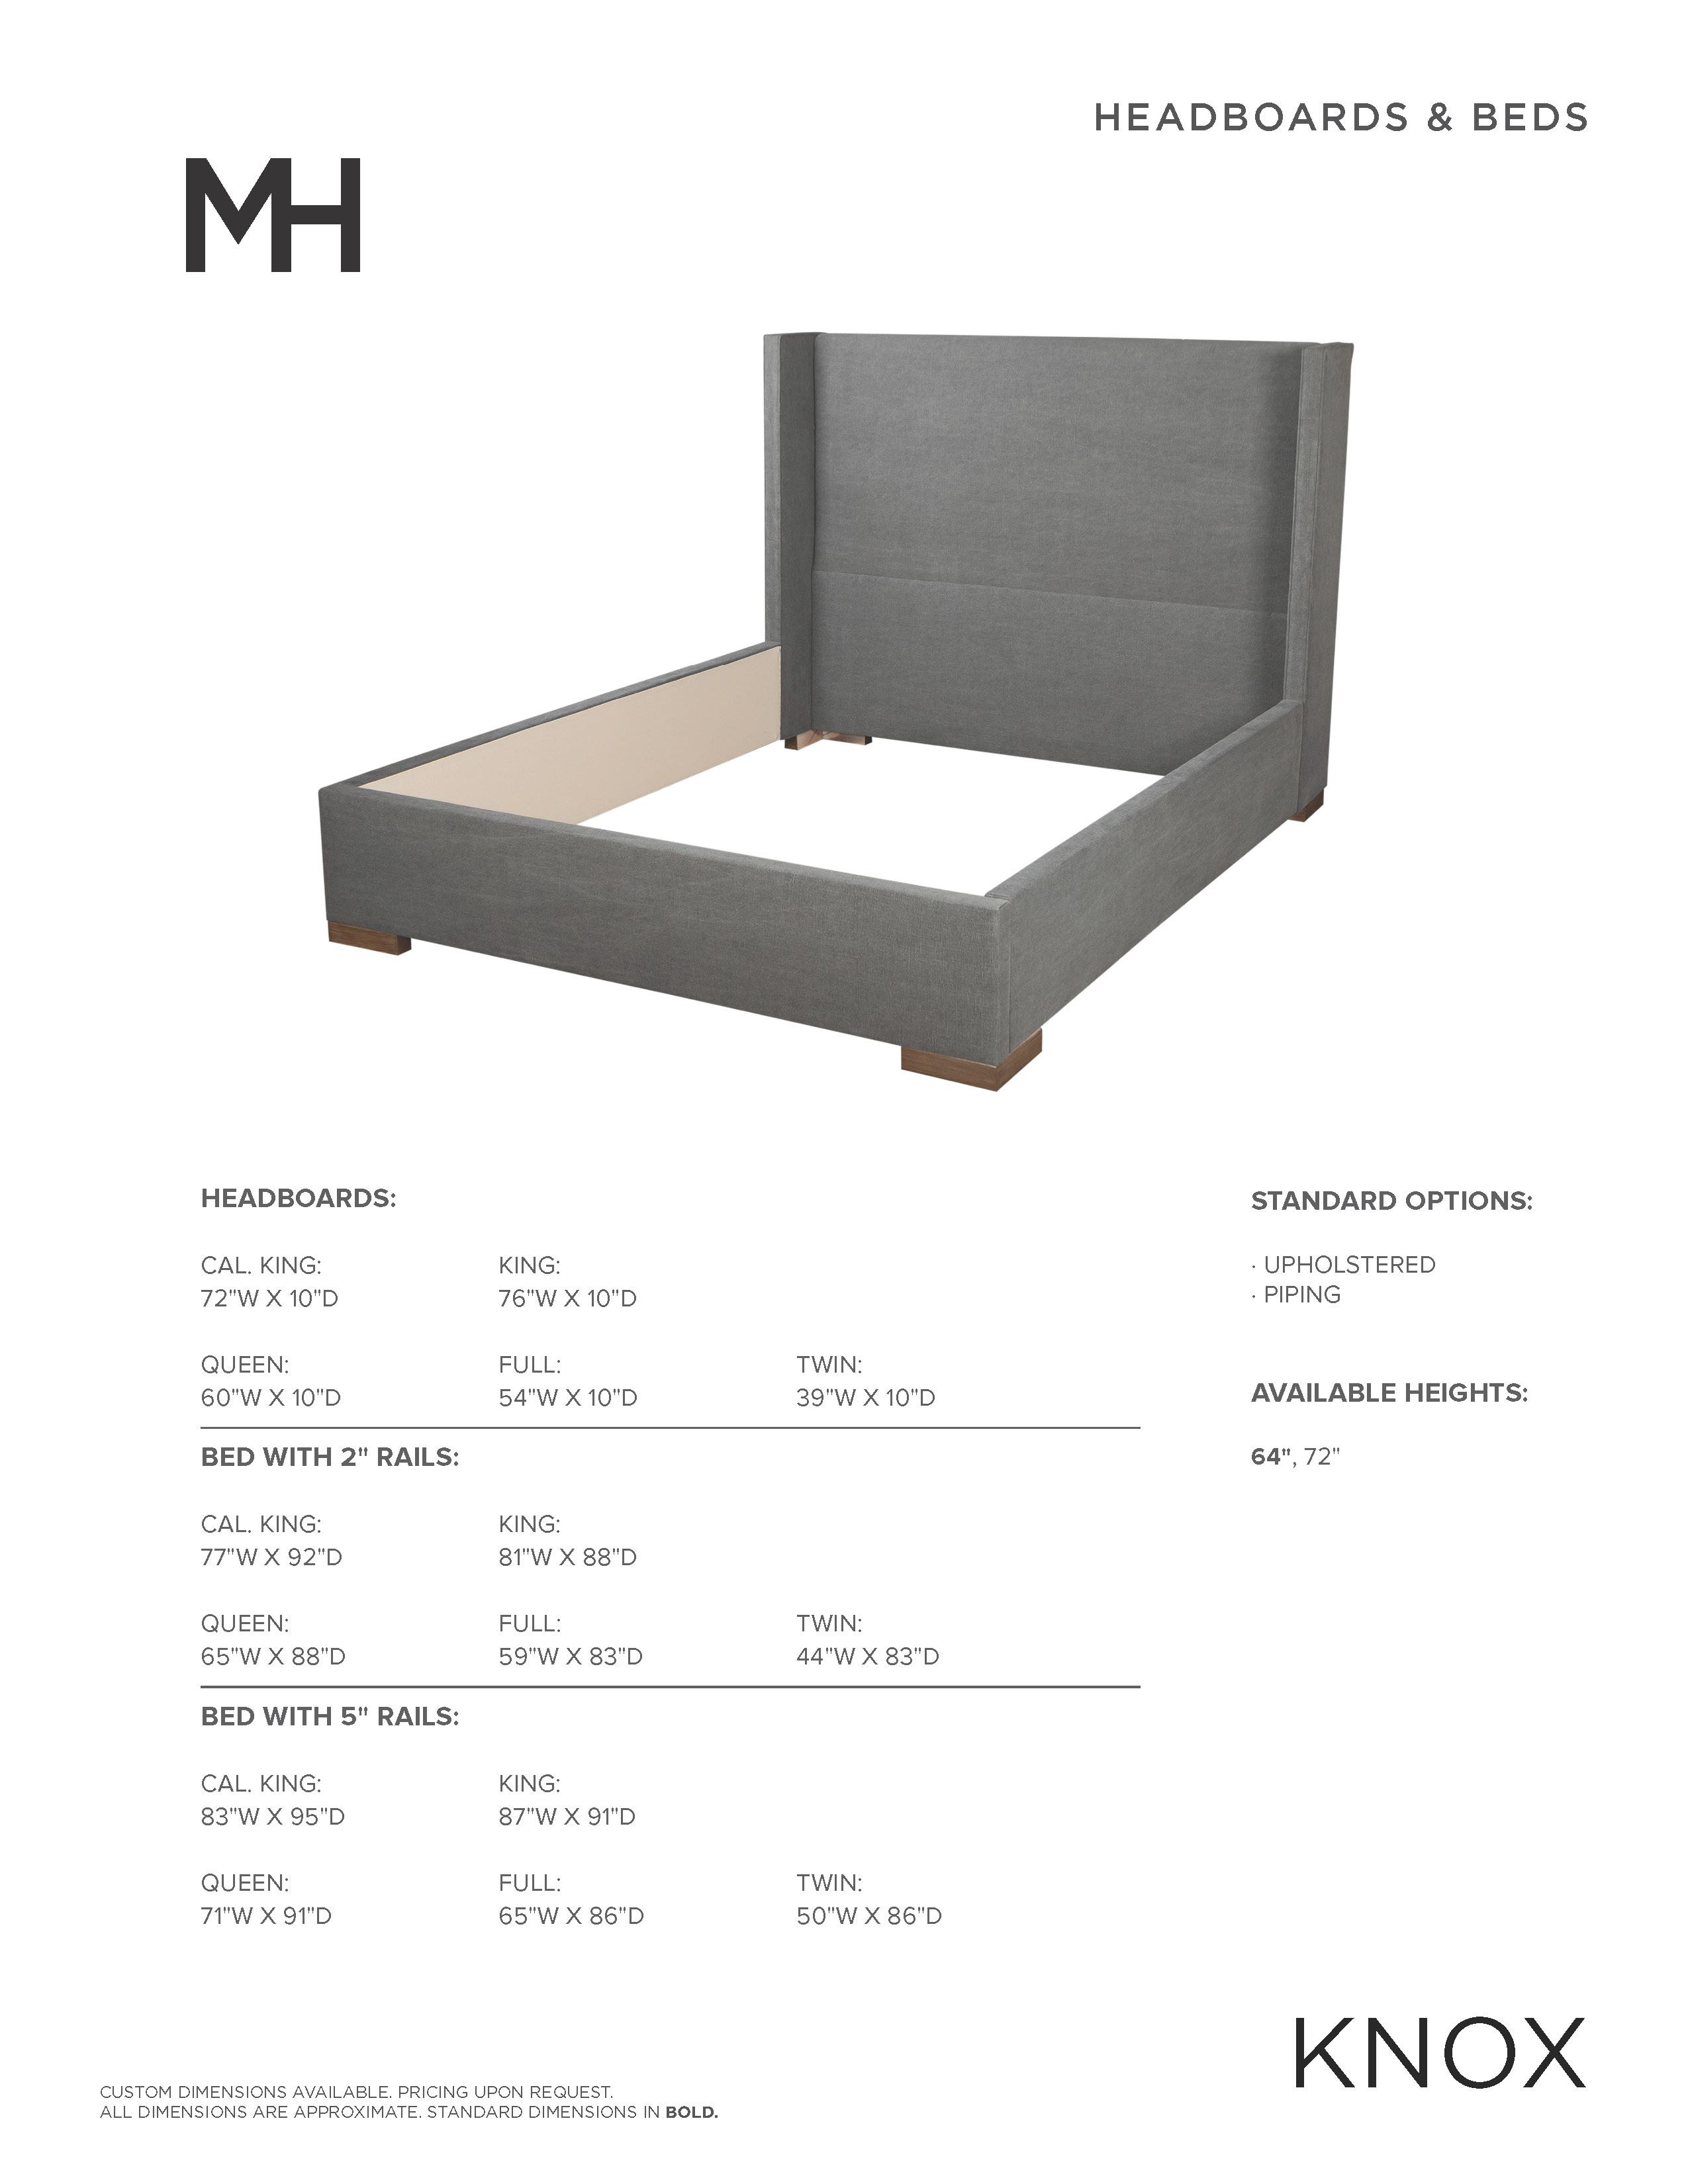 Knox Bed